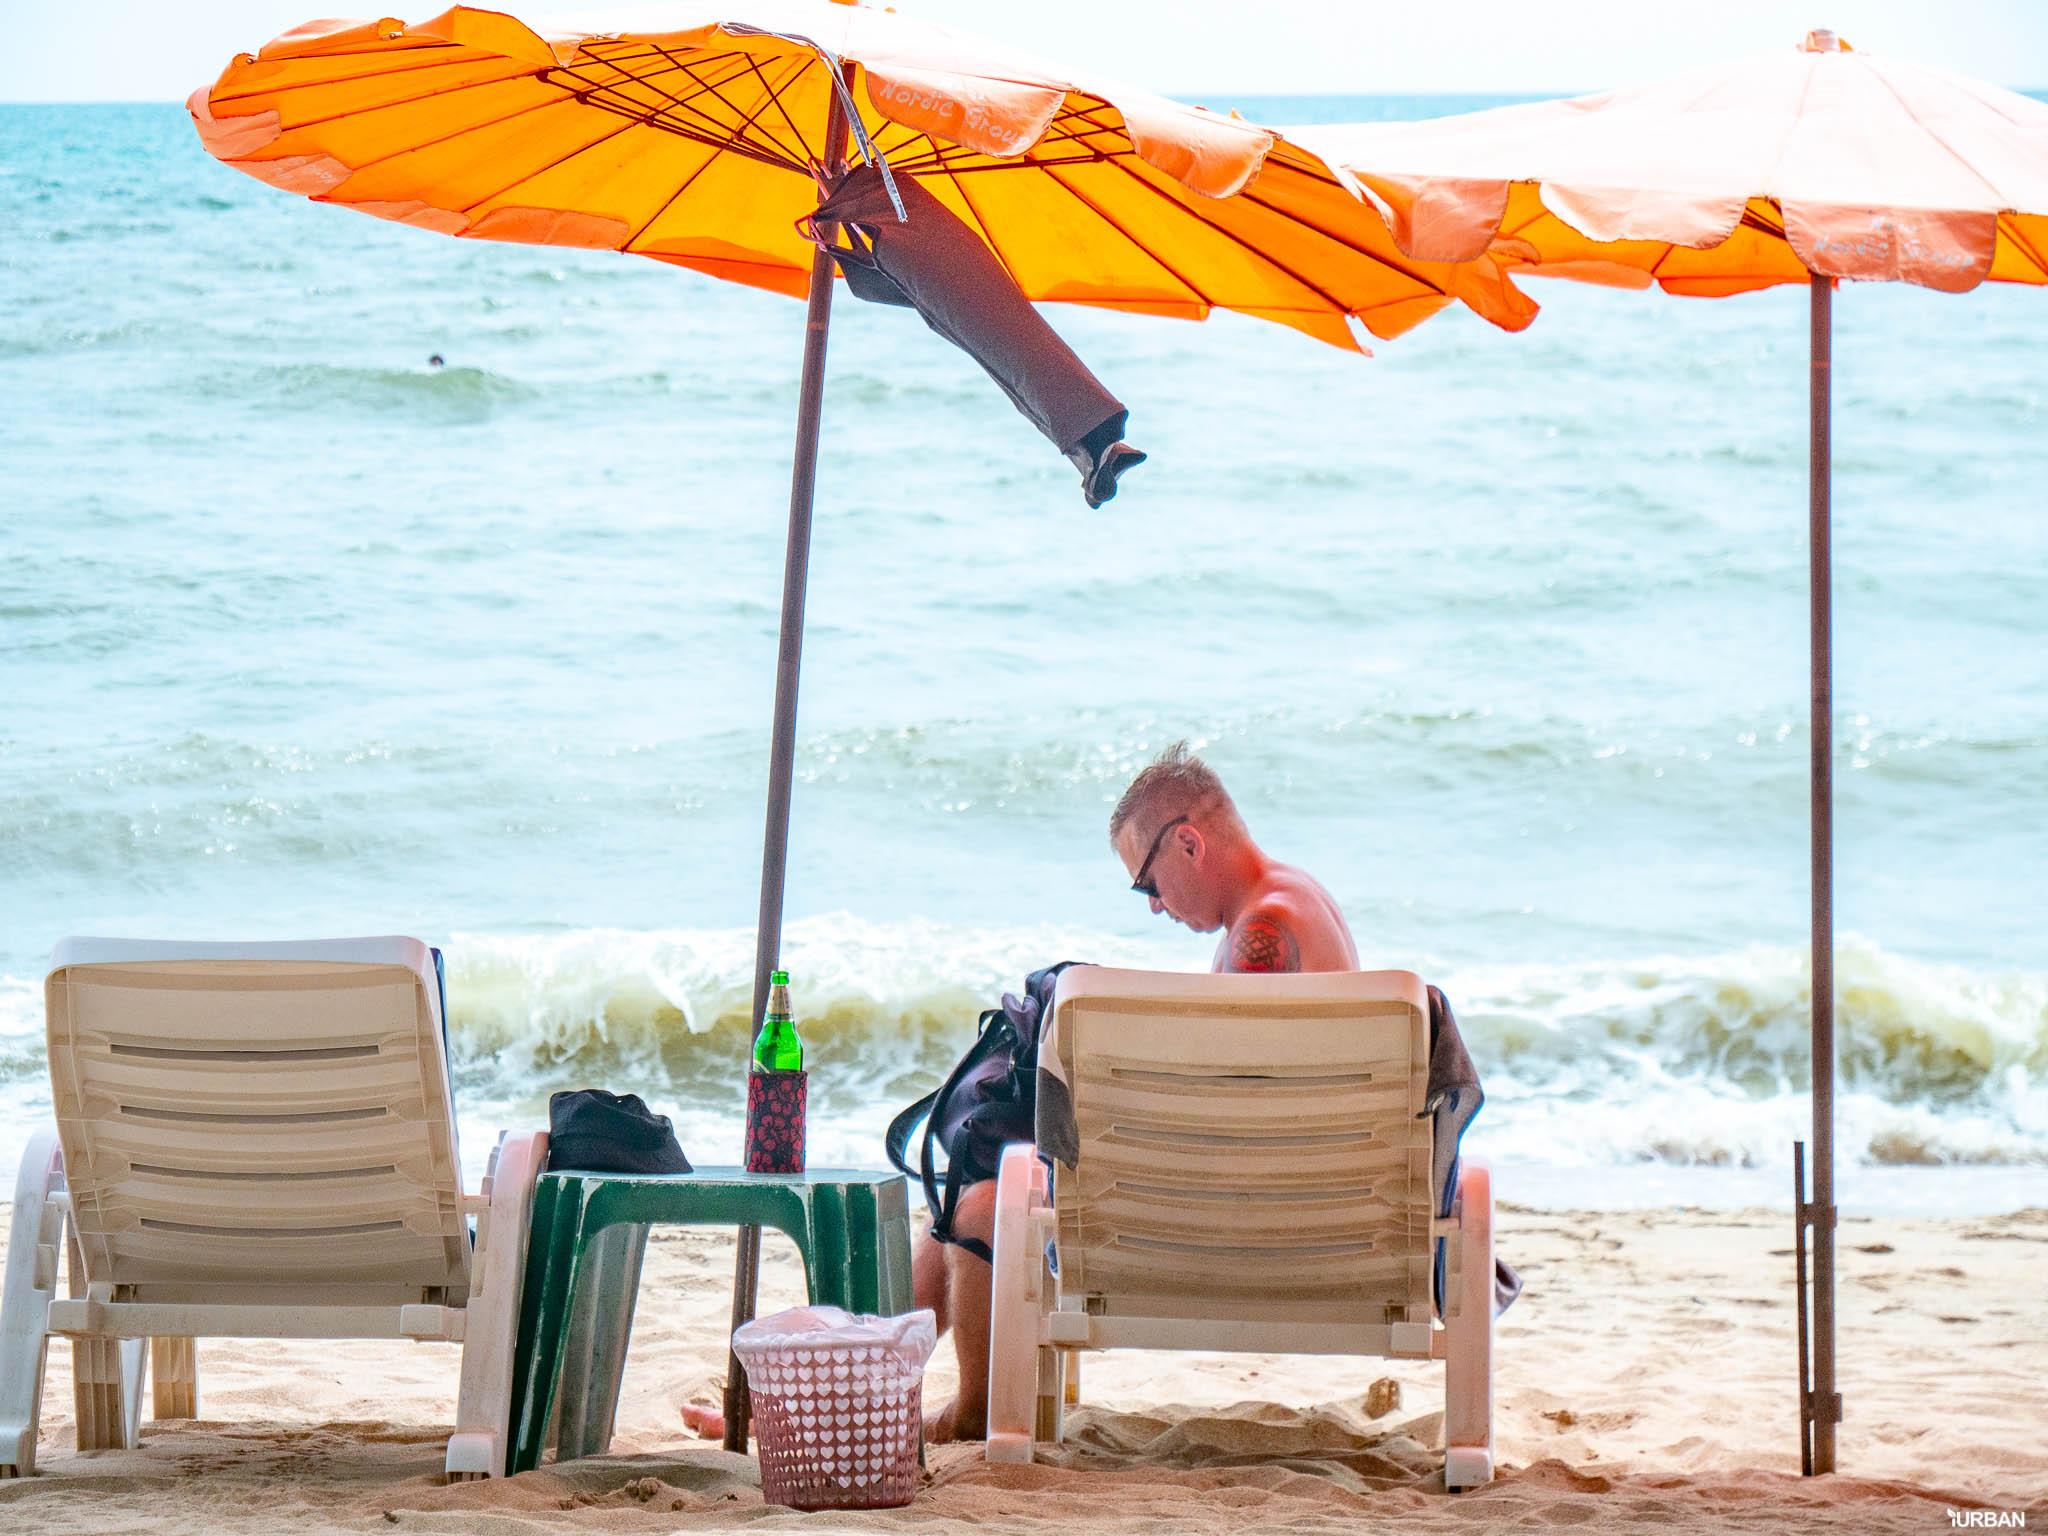 7 ชายหาดทะเลพัทยา ที่ยังสวยสะอาดน่าเที่ยวใกล้กรุงเทพ ไม่ต้องหนีร้อนไปไกล ก็พักได้ ชิลๆ 147 - Beach